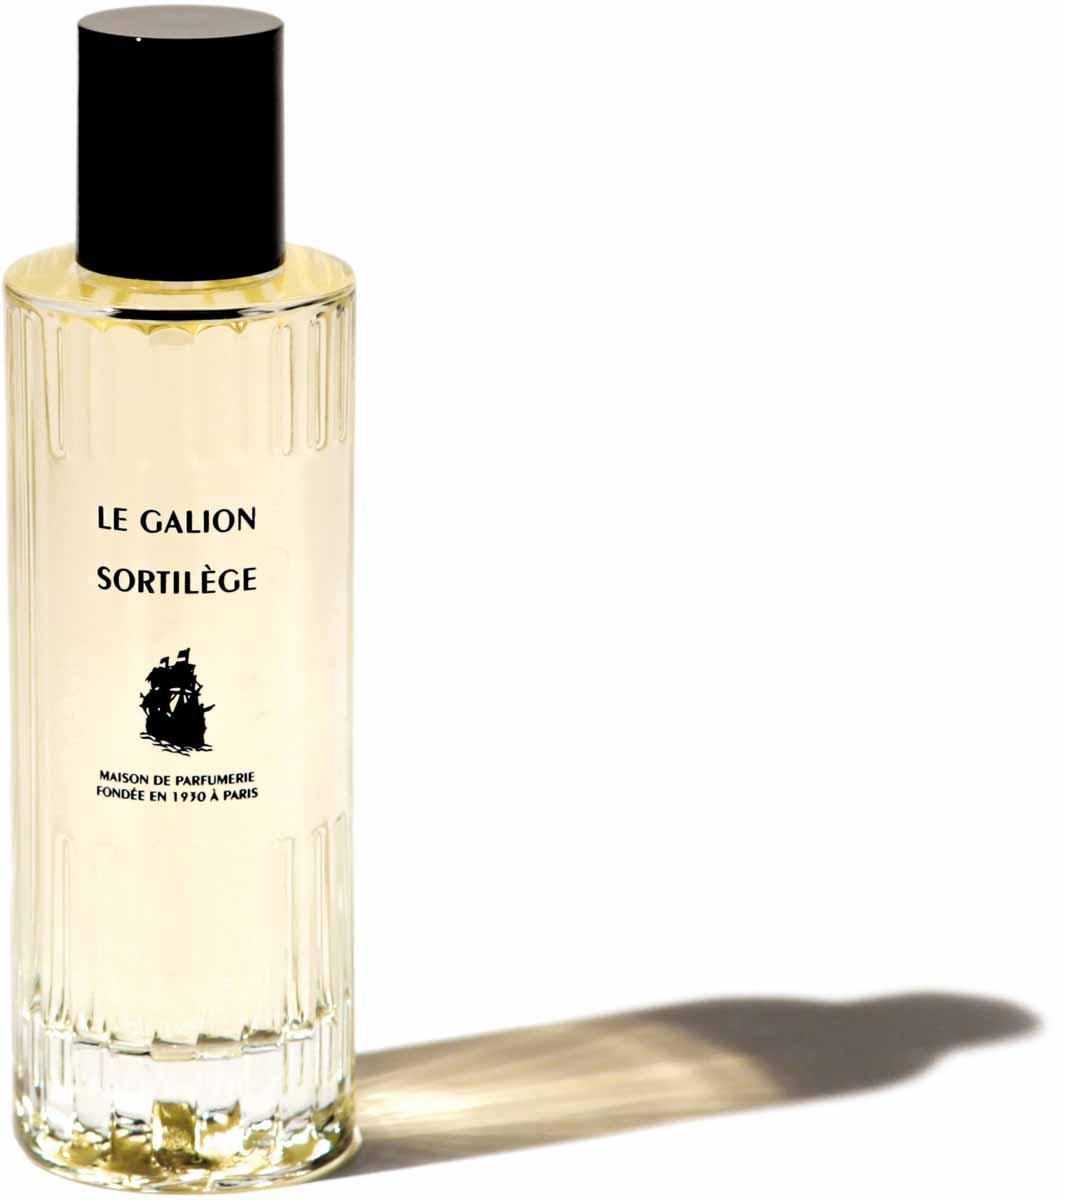 Le Galion Парфюмерная вода Sortilege, 100 мл26831Культовый аромат парфюмерного дома Le Galion - Sortilege, знаковый аромат знаменитогоджазового клуба Stork в Нью-Йорке возвращается сегодня в композиции, соответствующейоригиналу. Это цветочно-альдегидное сочетание; полный истории, чарующий аромат.Sortilege демонстрирует интенсивный и гипнотический шлейф цветочных альдегидов,начинающийся с нежного сочетания белых цветов и иланг-иланга с Мадагаскара.Раскрываясь, этот цветочный букет обнажает египетский жасмин и нежные ноты мимозы,поддержанные нарциссами. Турецкая роза - пульсирующее сердце аромата - вместе сирисом прокладывают путь к индонезийскому сандаловому дереву и ветиверу, а в базе -анималистичные ноты и амбра. Интенсивный, мистический аромат!Sortilege - сбалансированный букет совершенной элегантности - женственность,утончённая и изысканная, аромат таинственной и уверенной женщины. Энергичный,элегантный и чувственный, он творит совершенную алхимию между парфюмом и кожей.Sortilege, аромат, который делает женщин верными. Своему аромату из рекламы 1965 года.